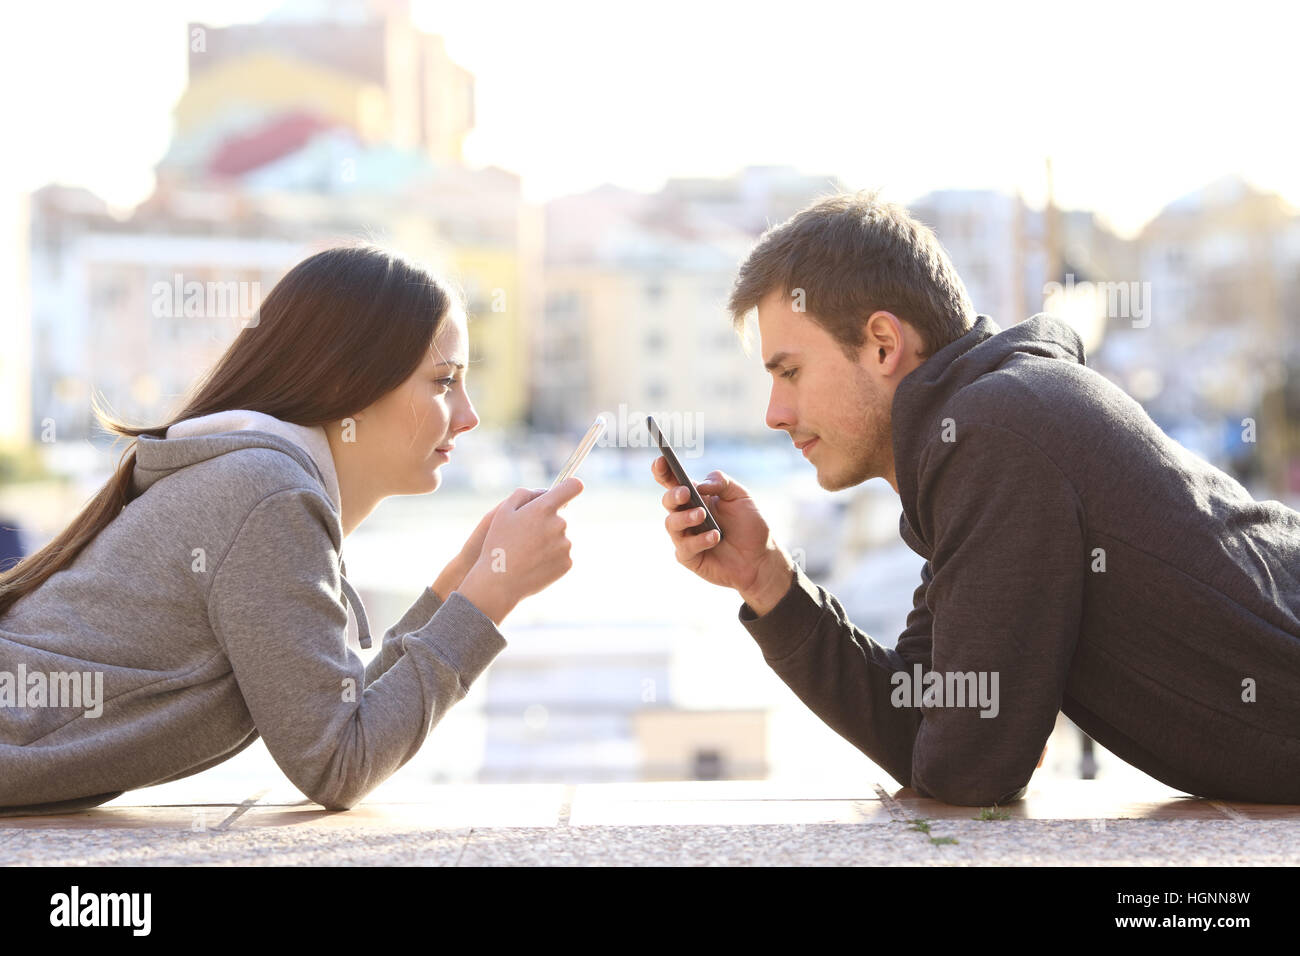 Warum ist jeder von Dating besessen